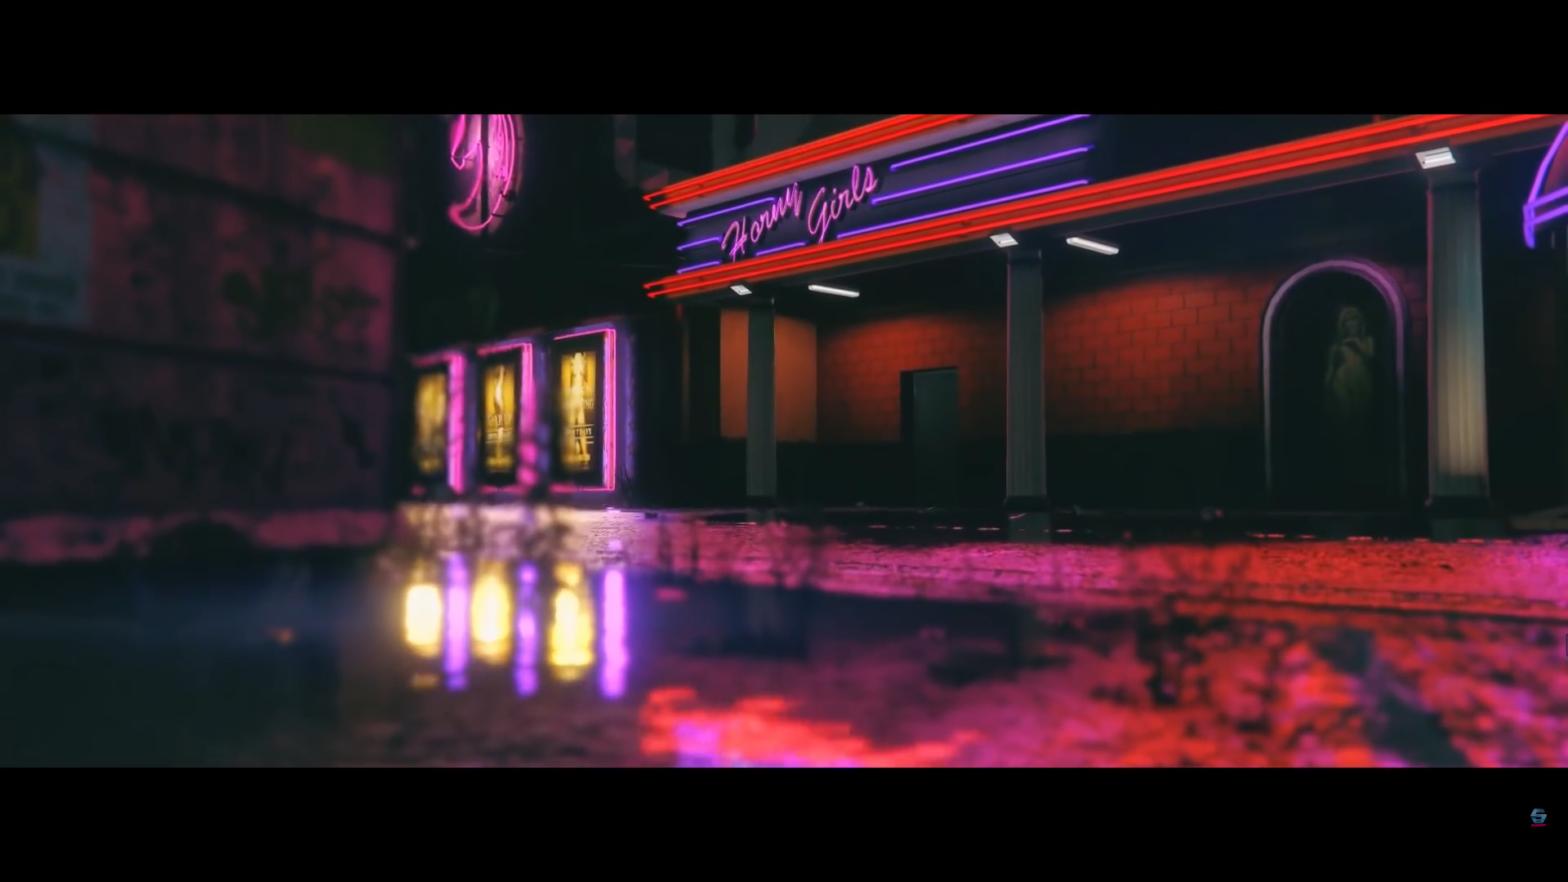 Das erste Musikvideo mit dem GTA-Video Editor besticht mit neon-noir Flaire ala Vice City